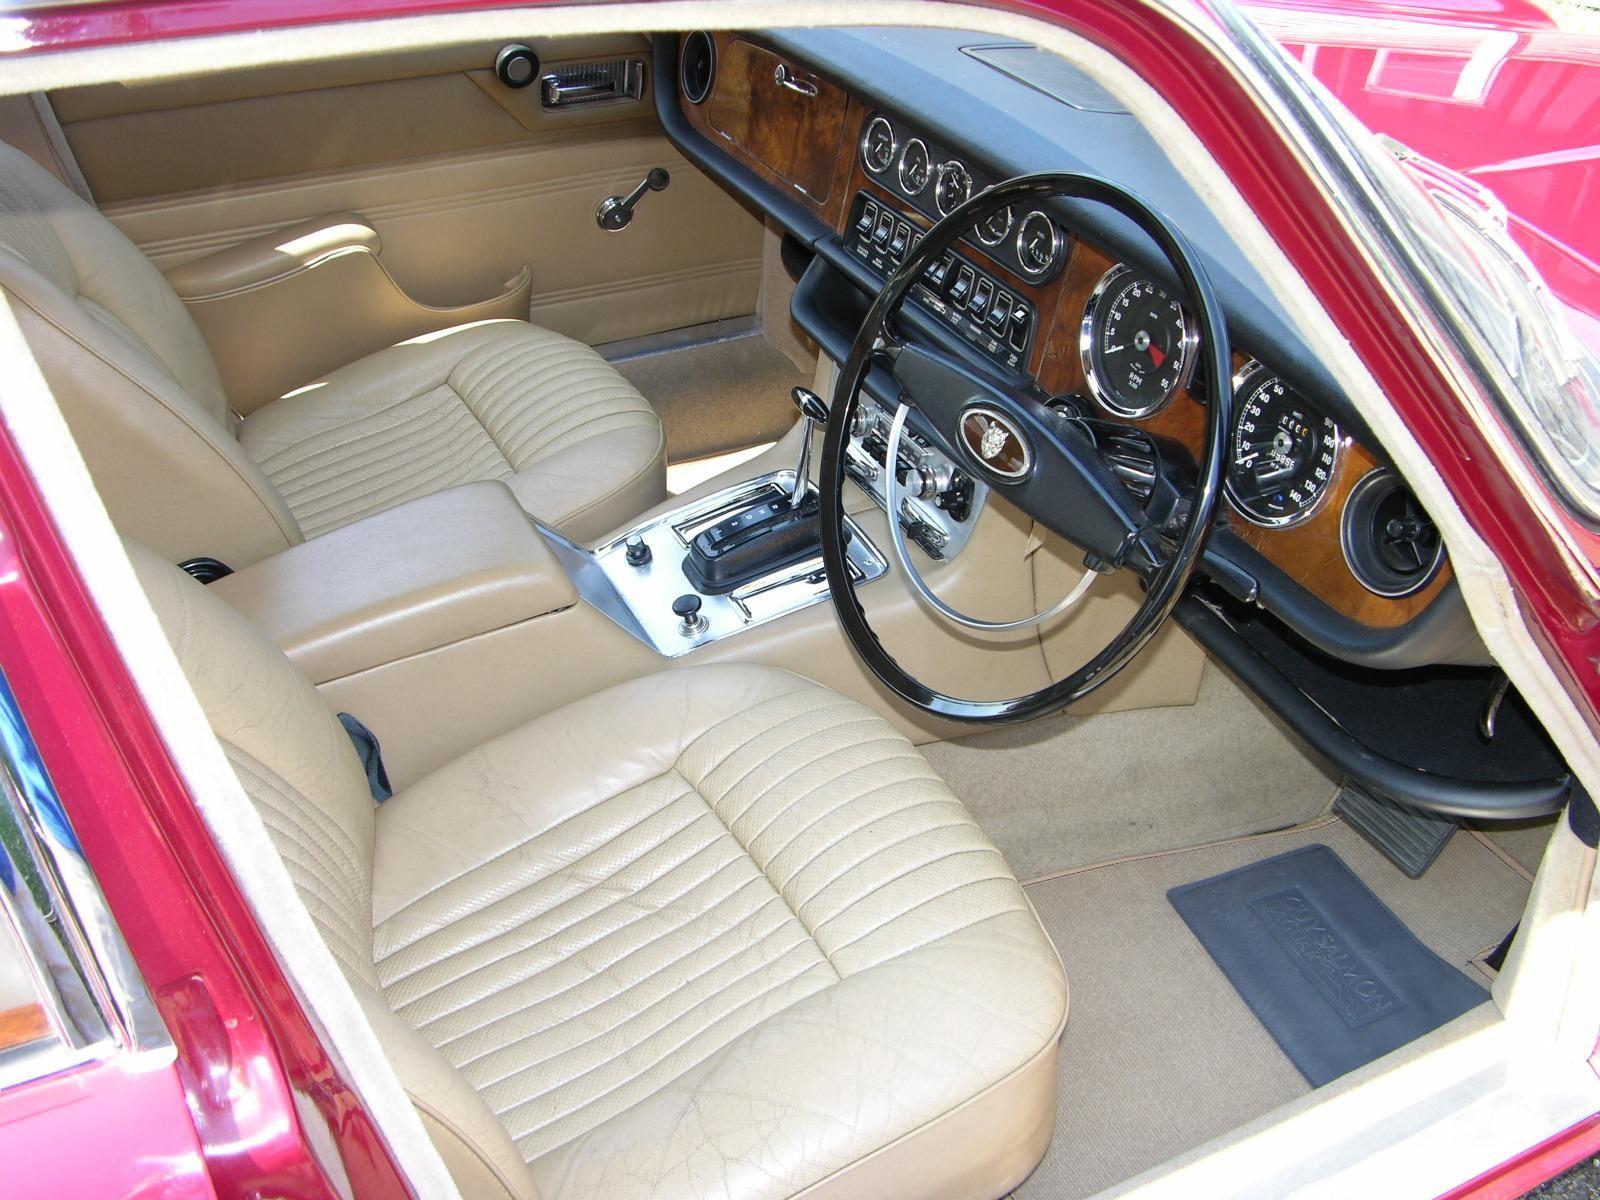 1970 Jaguar XJ6 Interior | Auto Interiors | Pinterest | Jaguar xj, Cars and Car interiors